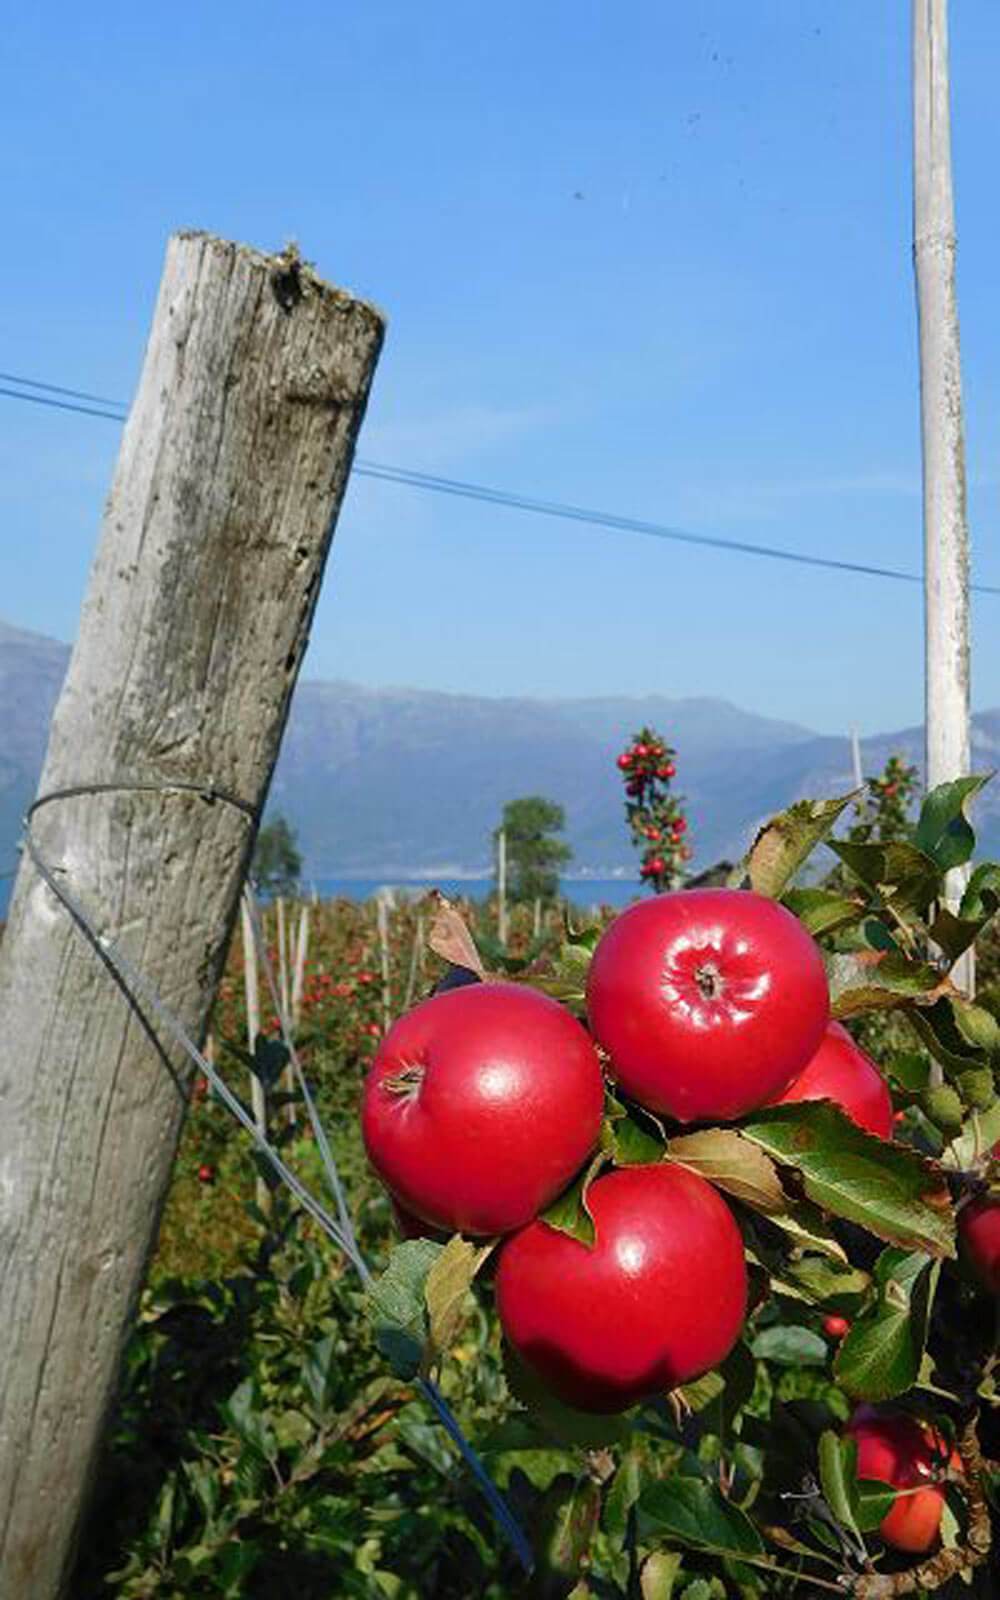 Apfelernte in Norwegen